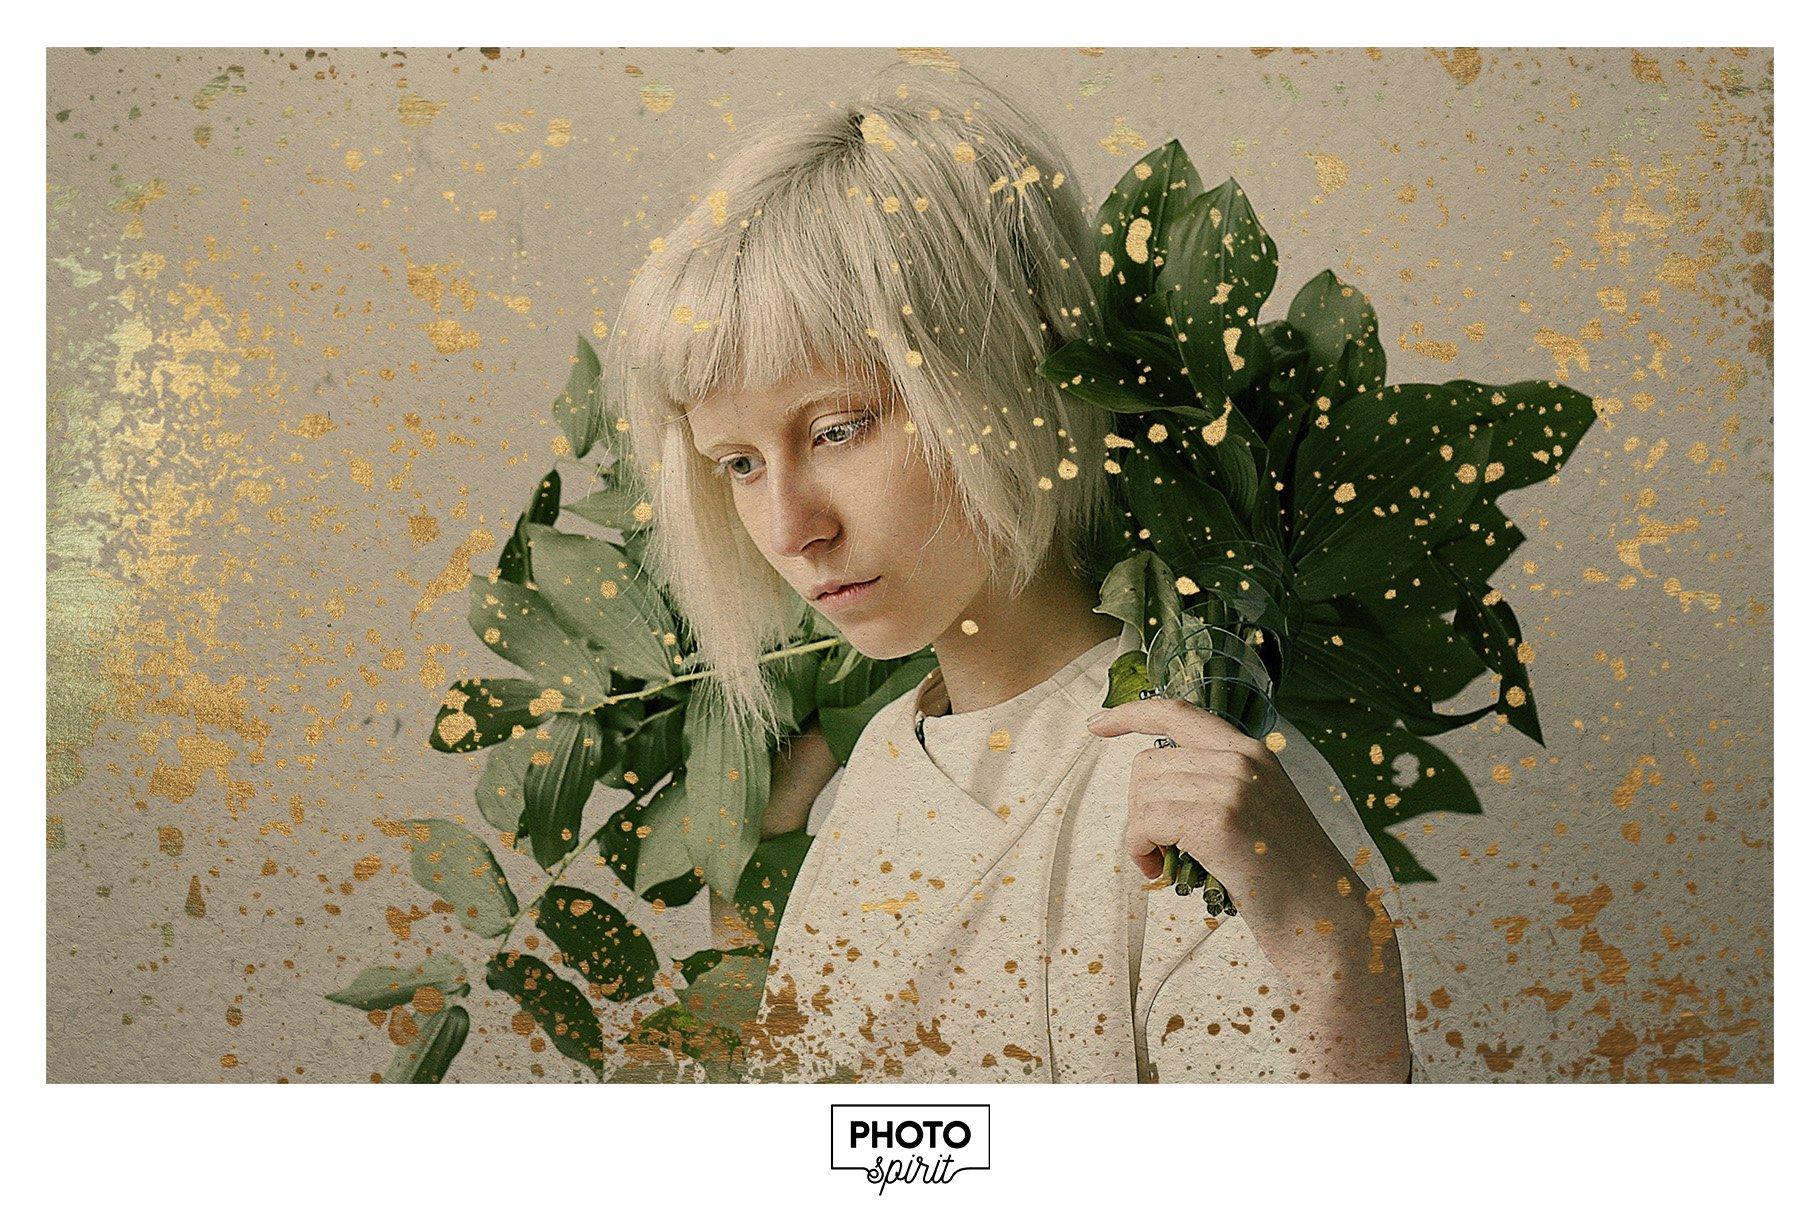 金色光泽铜绿划痕飞溅照片叠加层效果PS素材 Golden Patina Photo Effect插图(3)